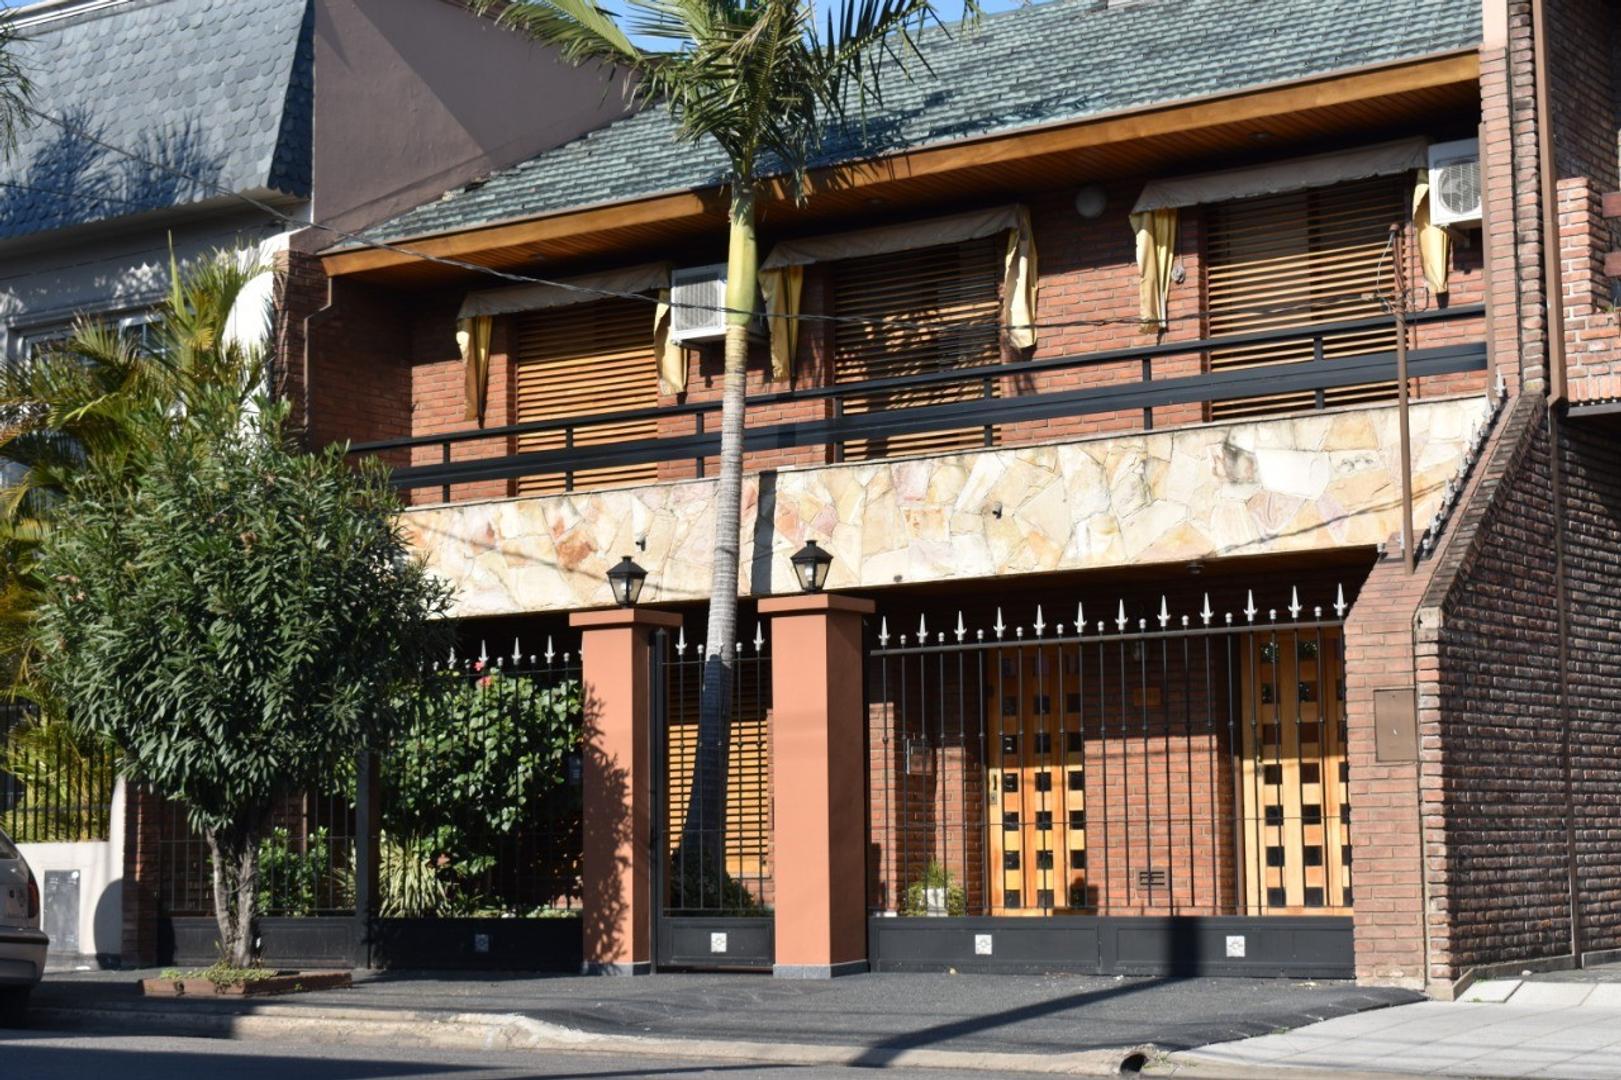 Casa en Venta en Barrio Parque - 5 ambientes